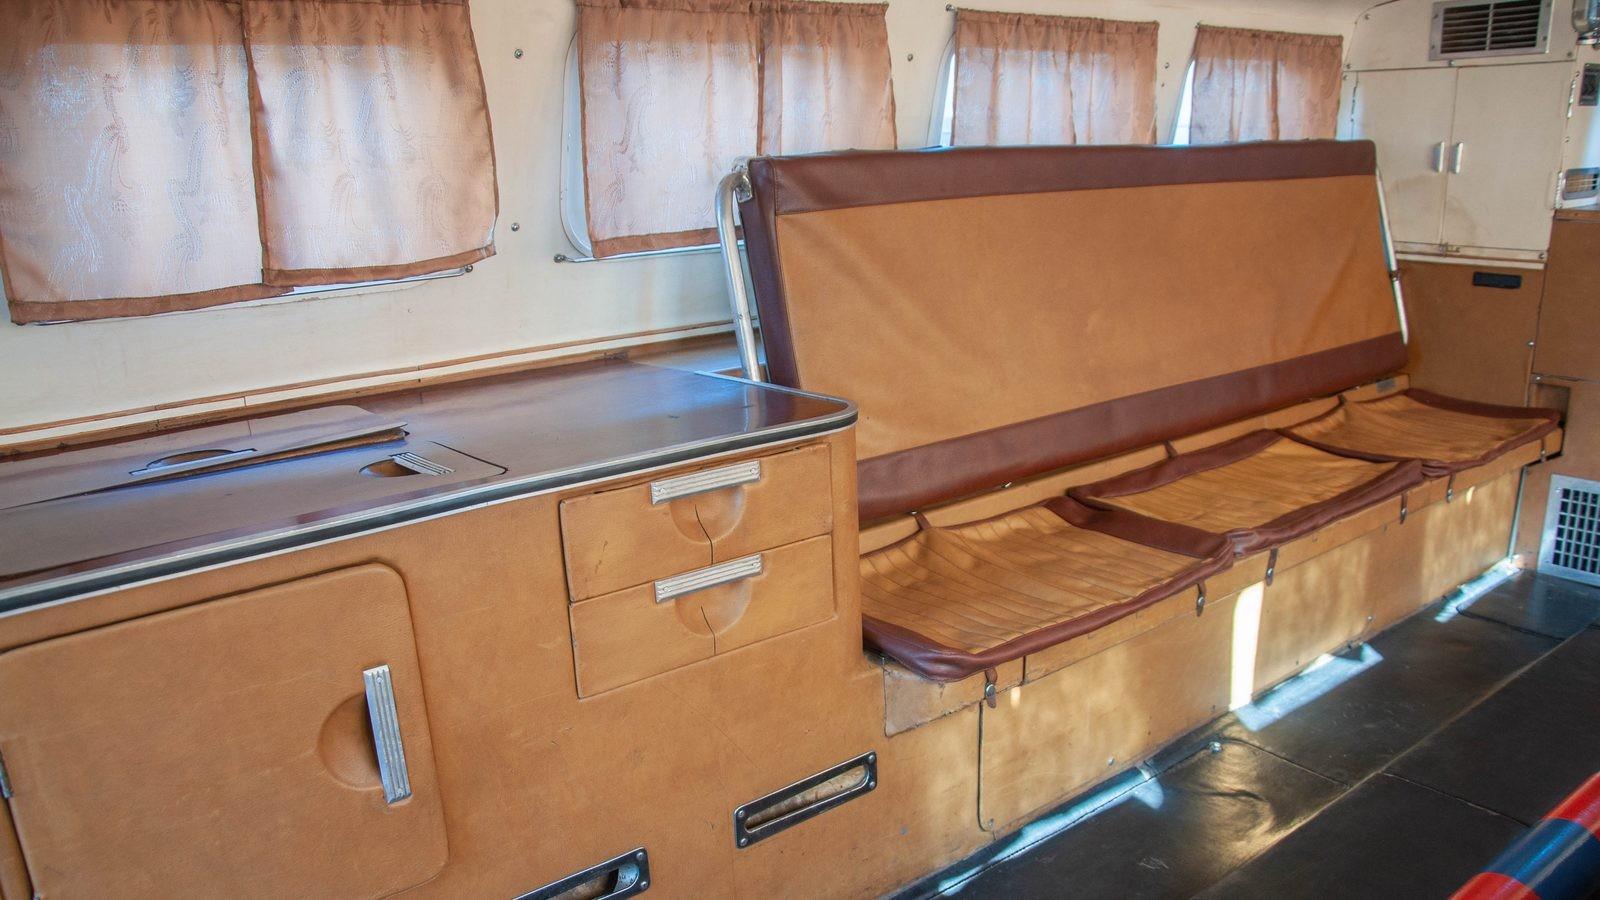 ЗИЛ-49061 Синяя Птица кабина внутри сидения